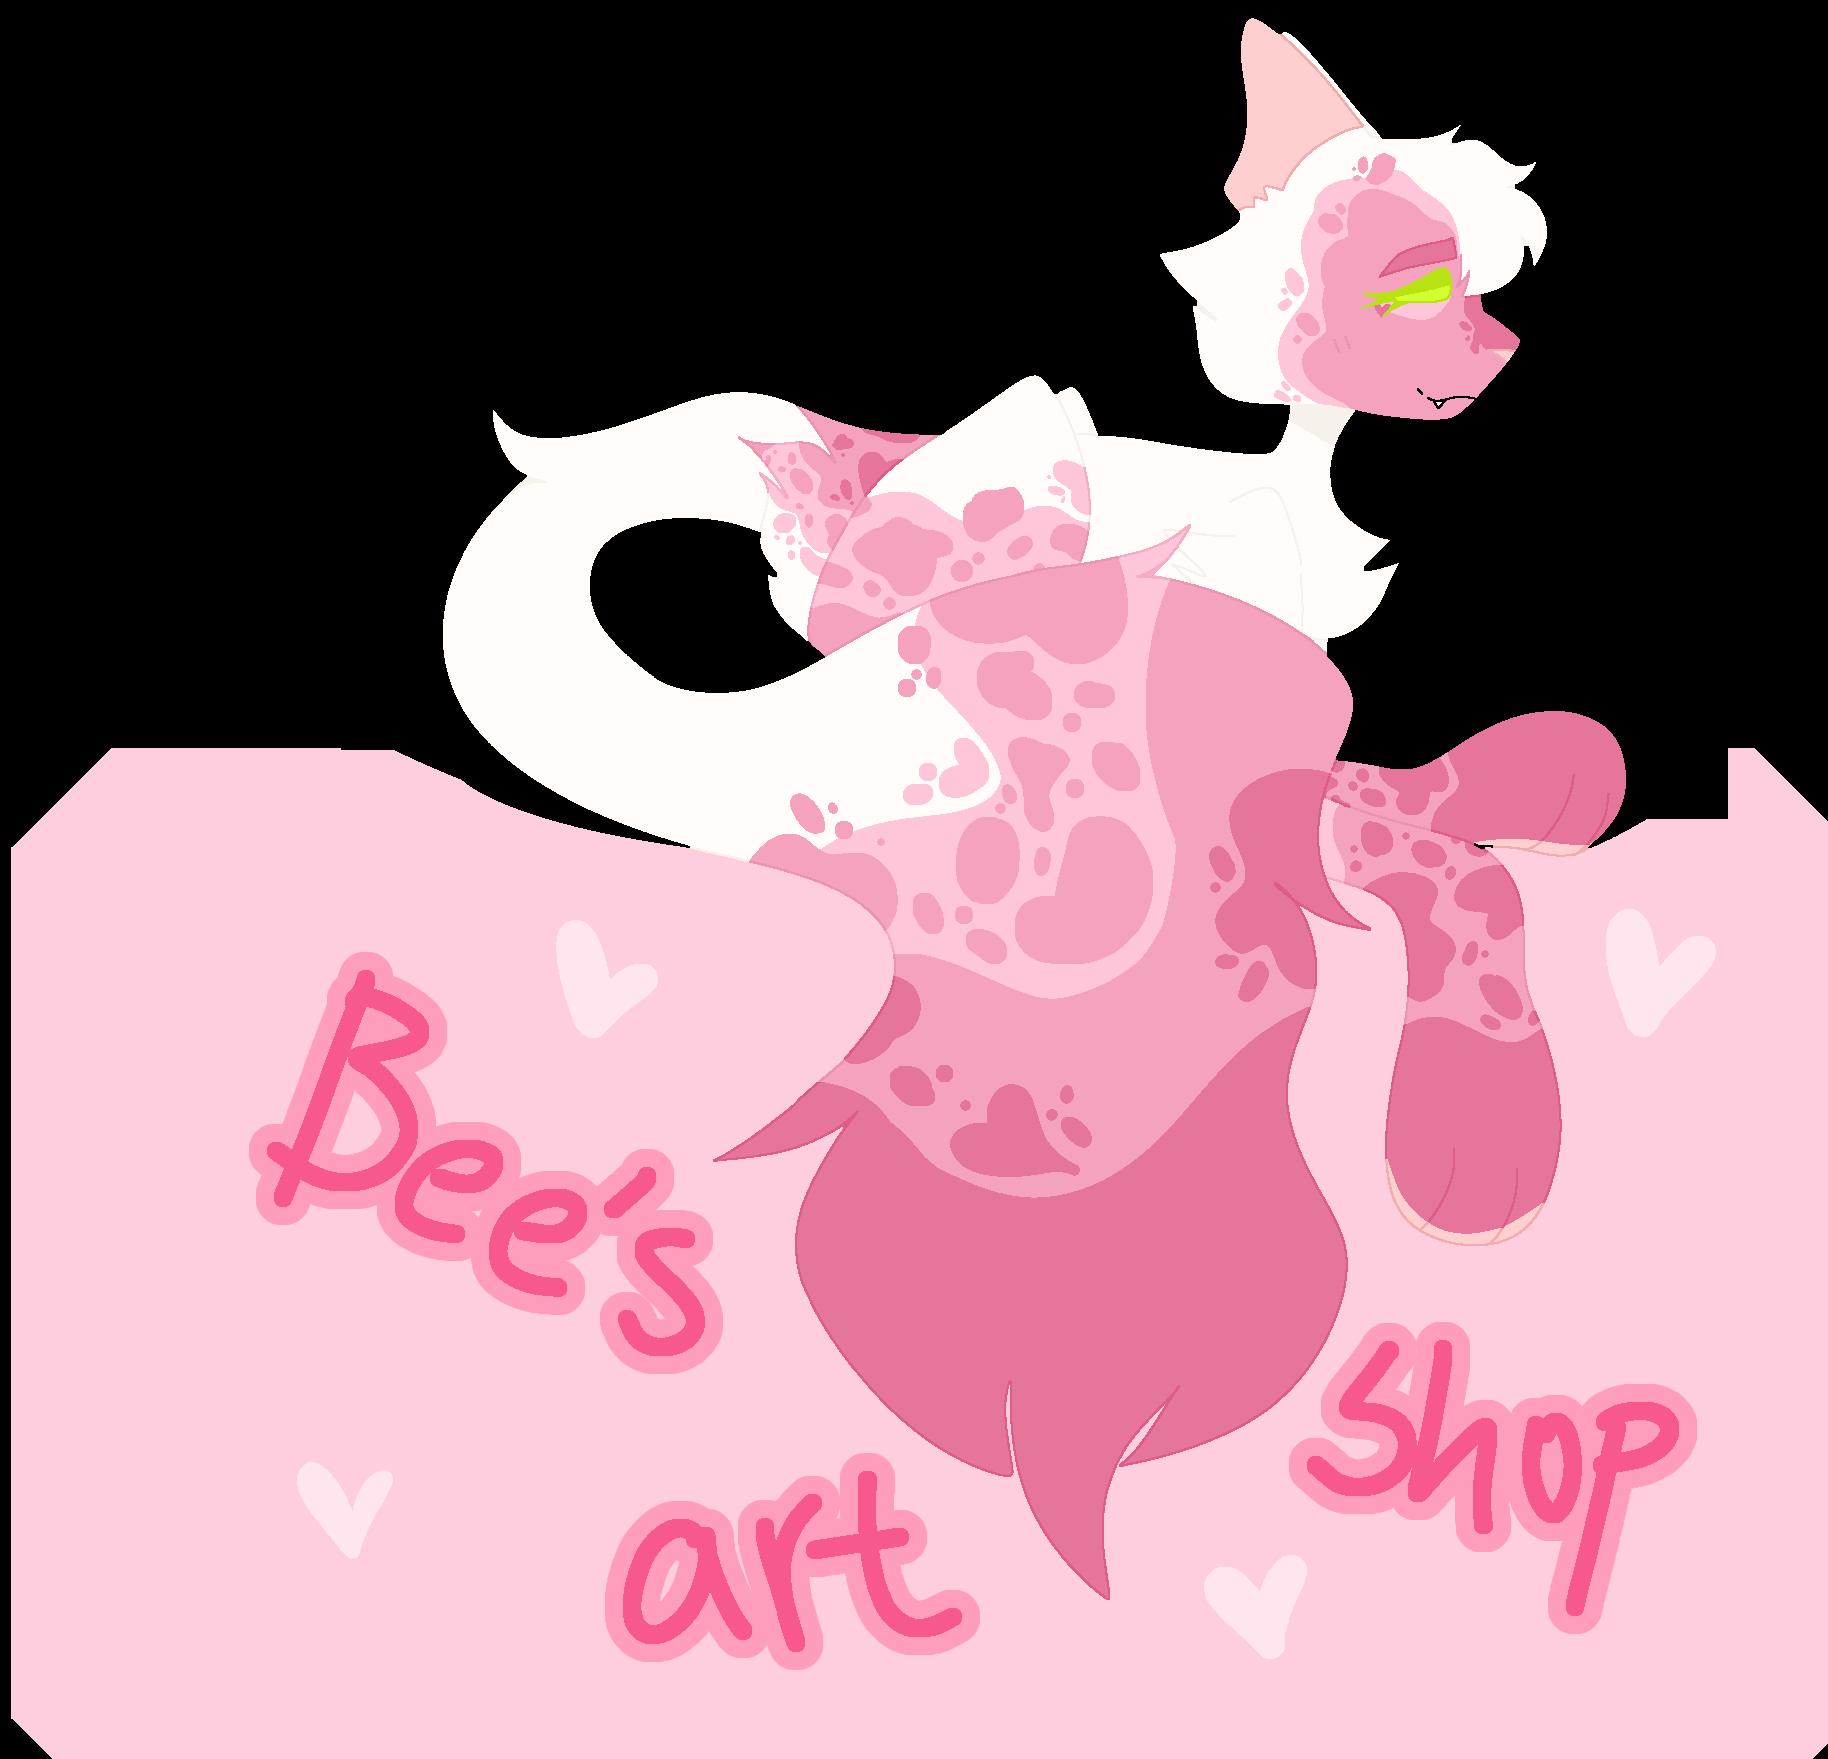 Beesp!t/bee's art shop